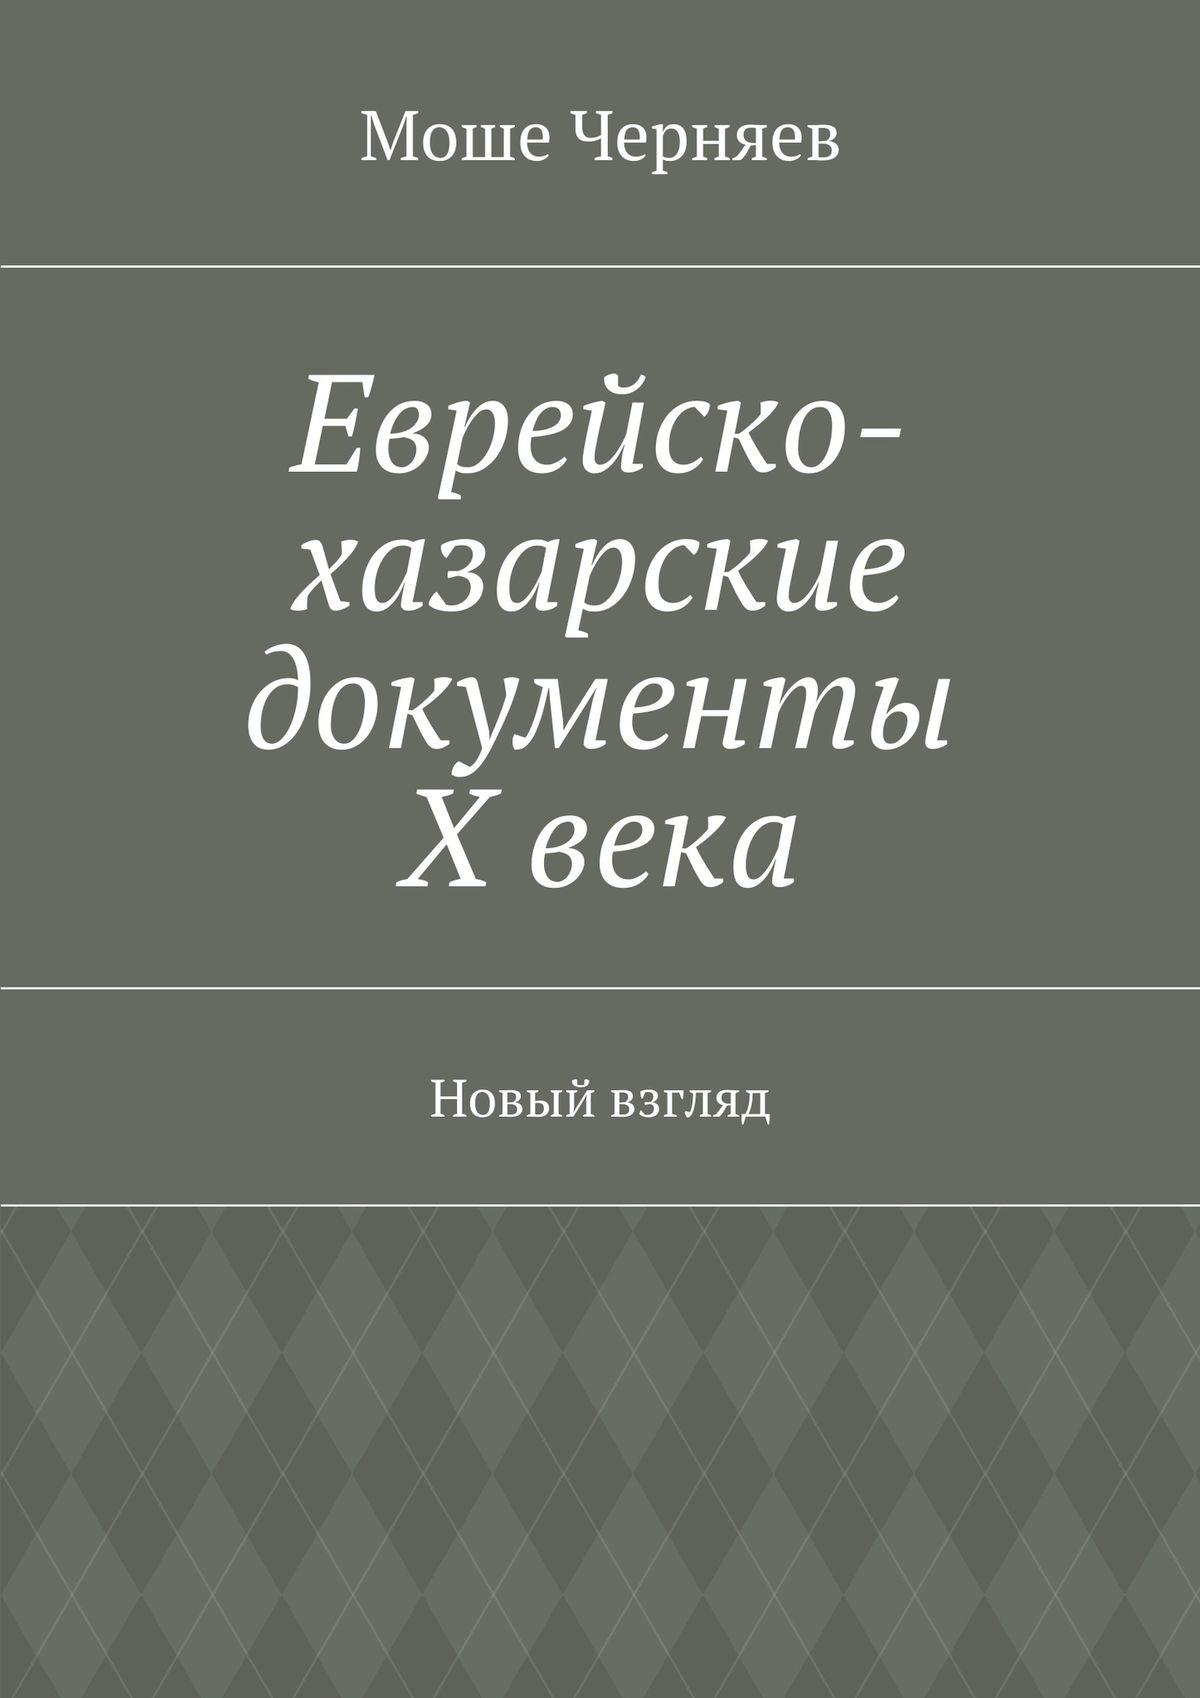 Еврейско-хазарские документы Х века. Новый взгляд